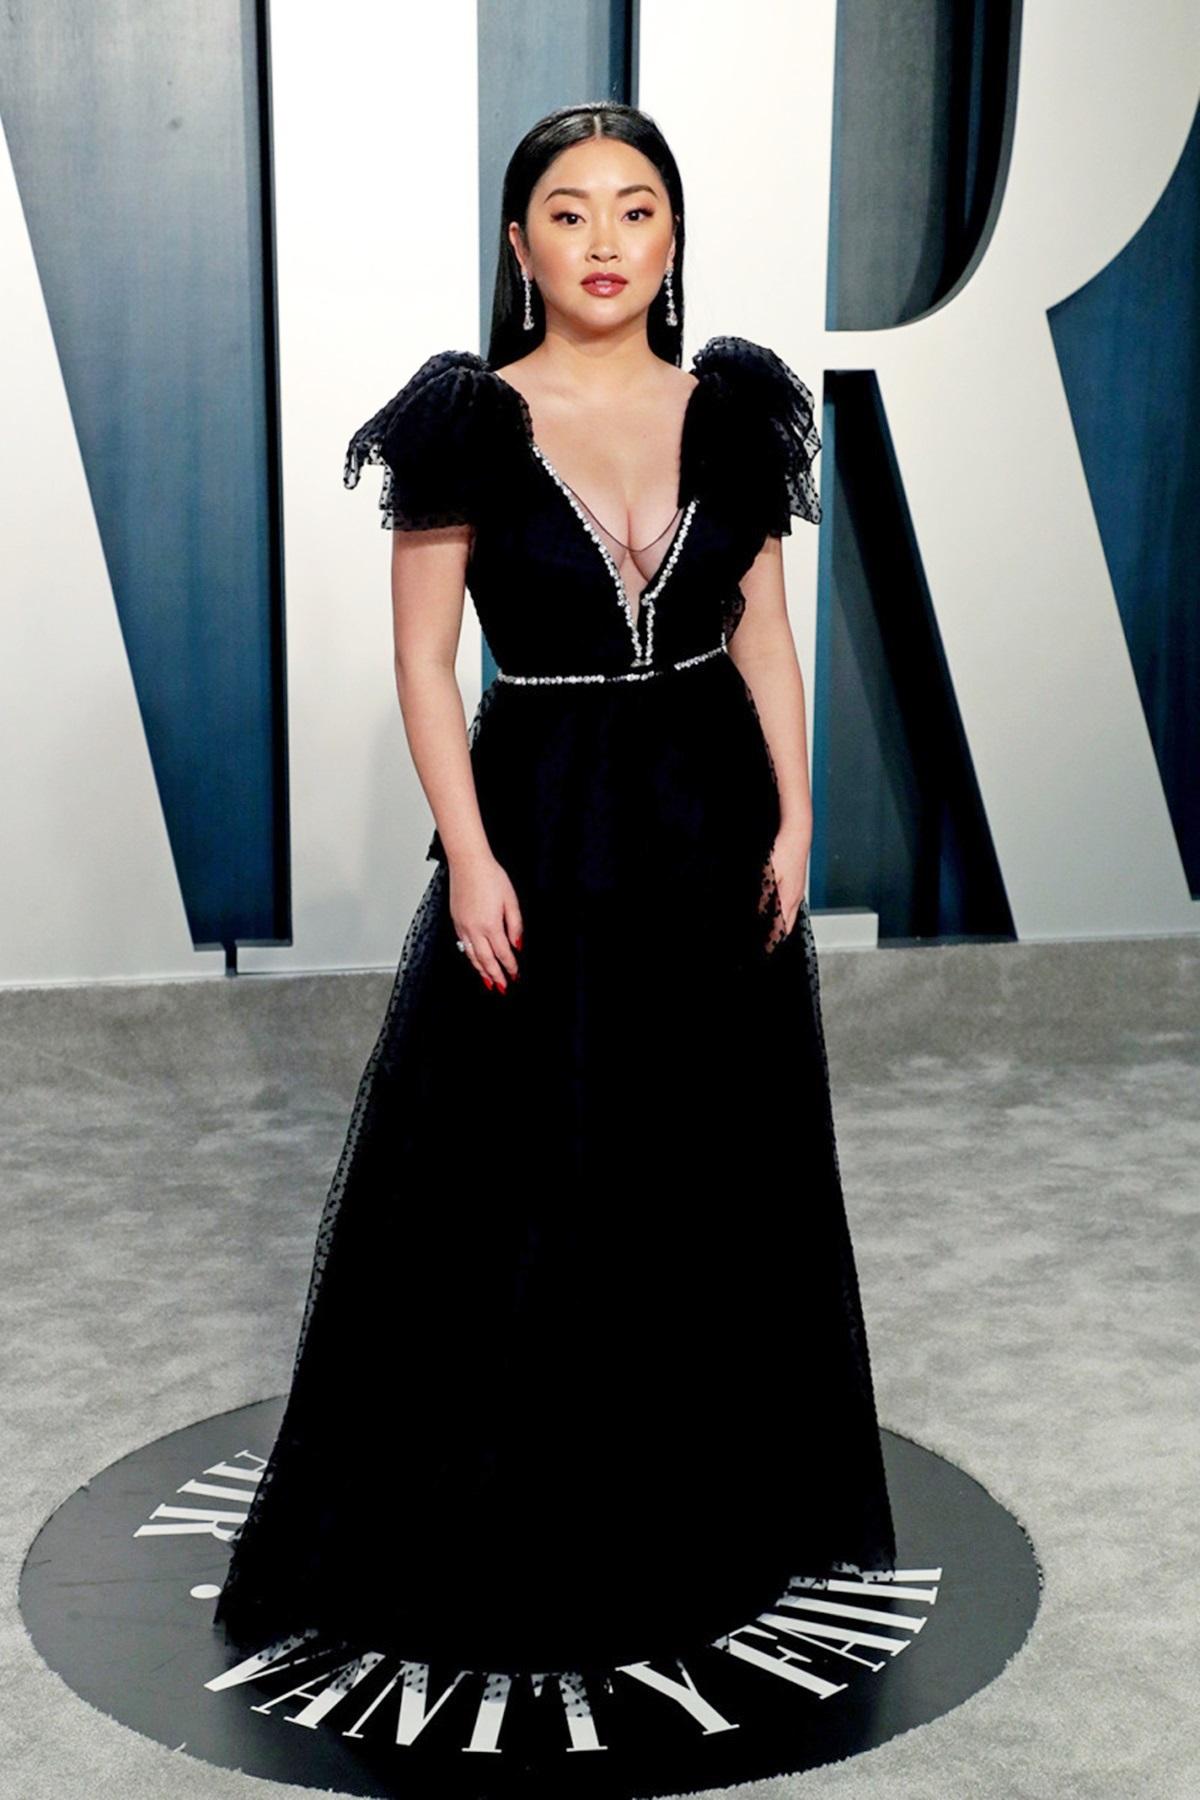 Tại tiệc Vanity Fair Oscar Party 2020, Lana Condor lăng xê đầm dạ hội của  Jenny Packham, nhấn vào chất liệu voan đen, tay bồng, xẻ ngực. Ảnh: Shutterstock.